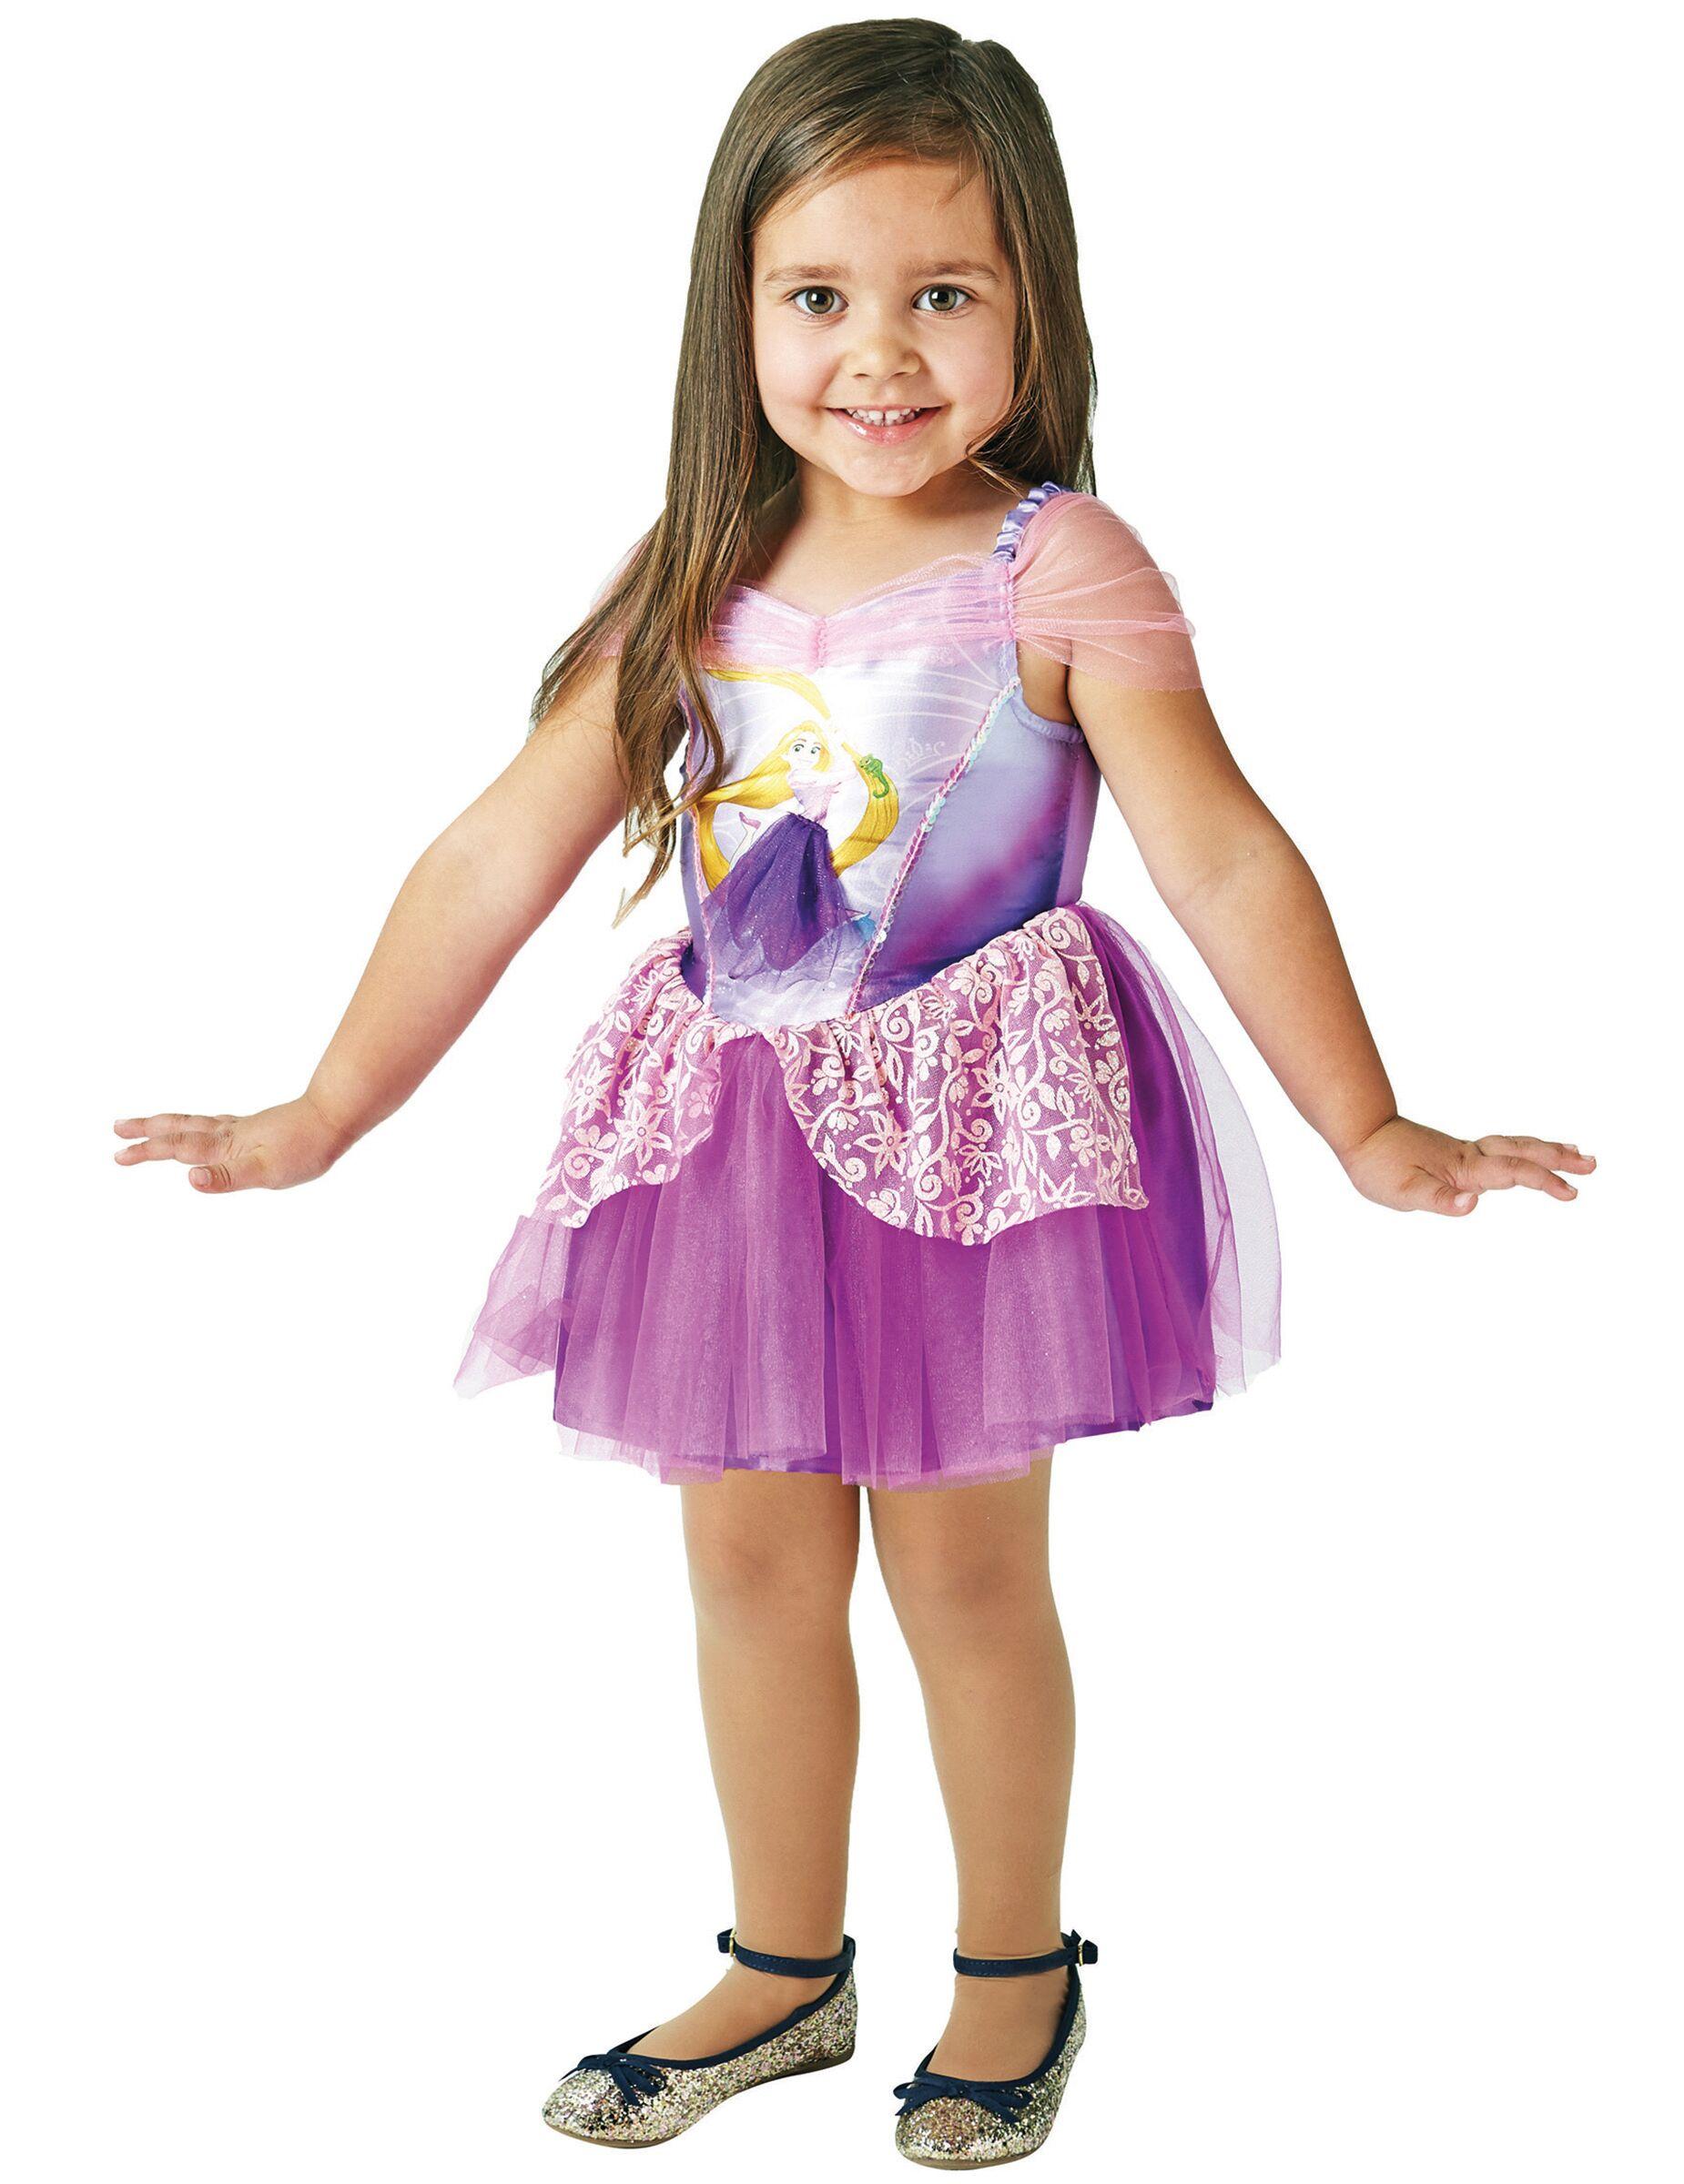 VegaooParty Déguisement Princesse Ballerine Raiponce fille - Taille: 3 à 4 ans (90 à 104 cm)